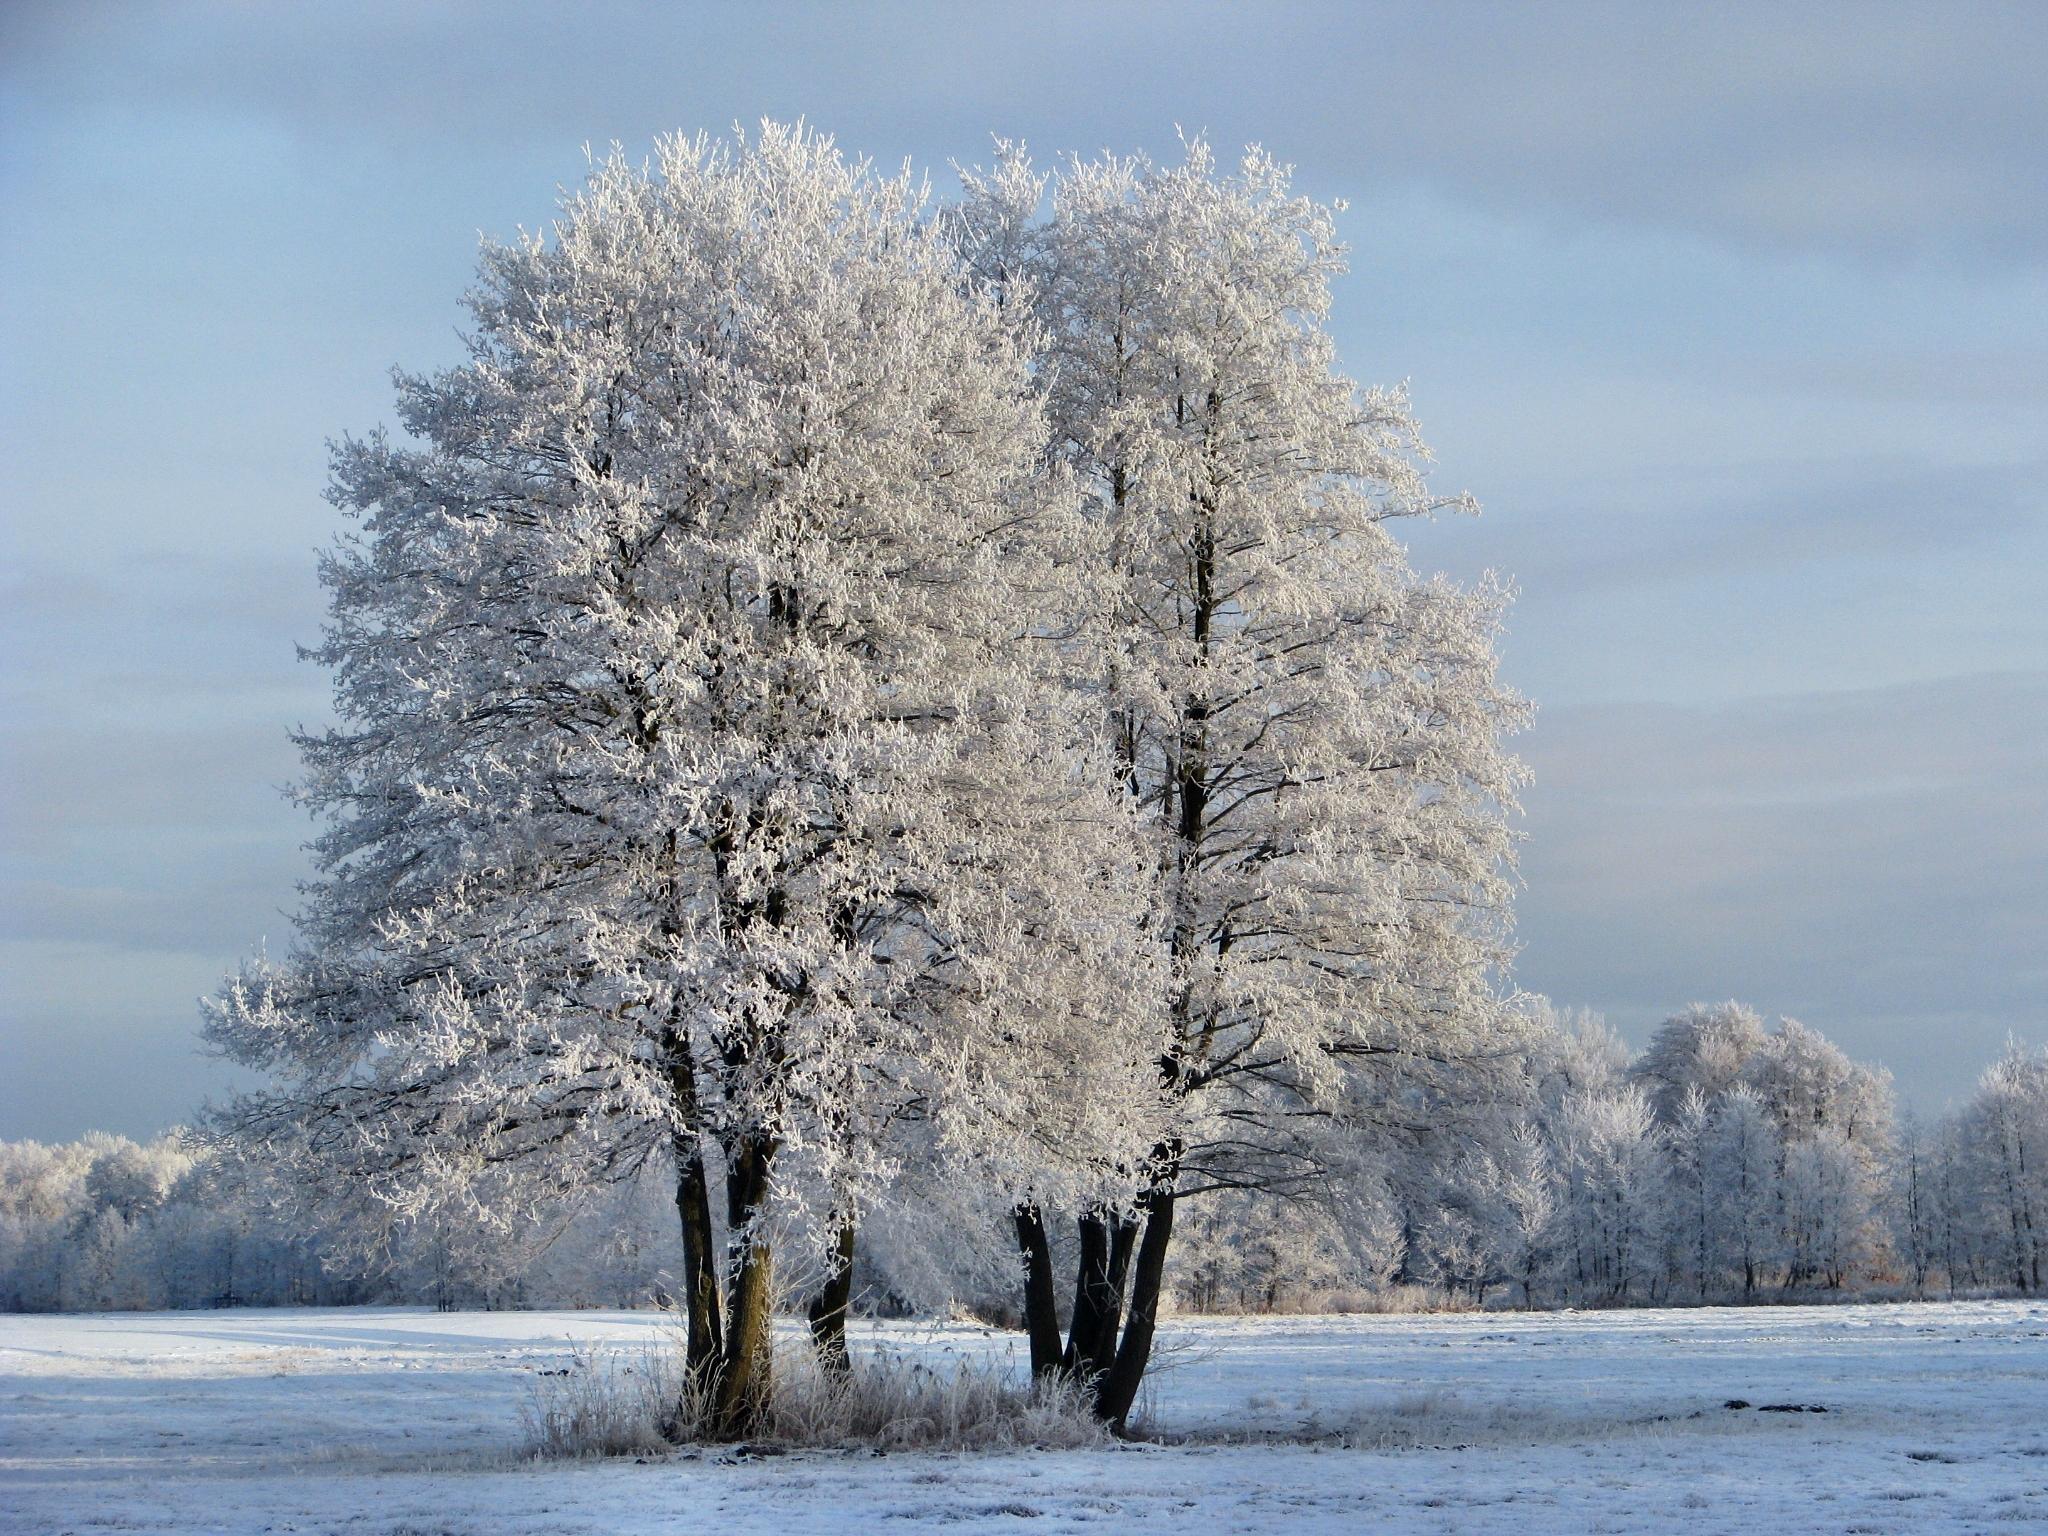 Winter in Detershagen